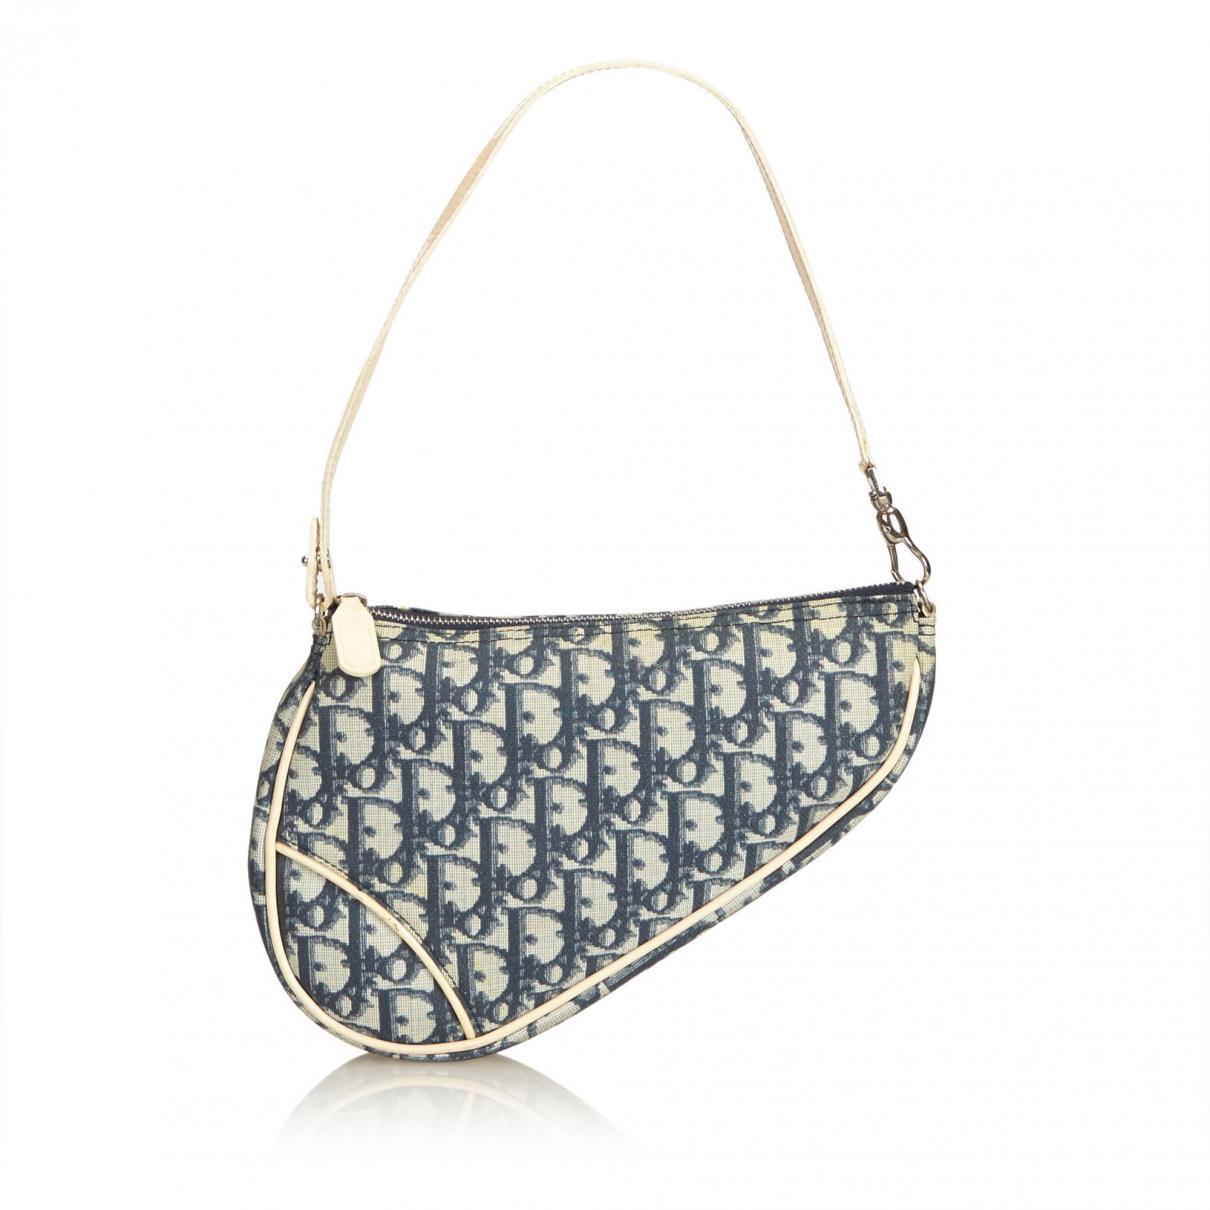 126839192b8a Lyst - Dior Vintage Saddle Blue Cloth Handbag in Blue